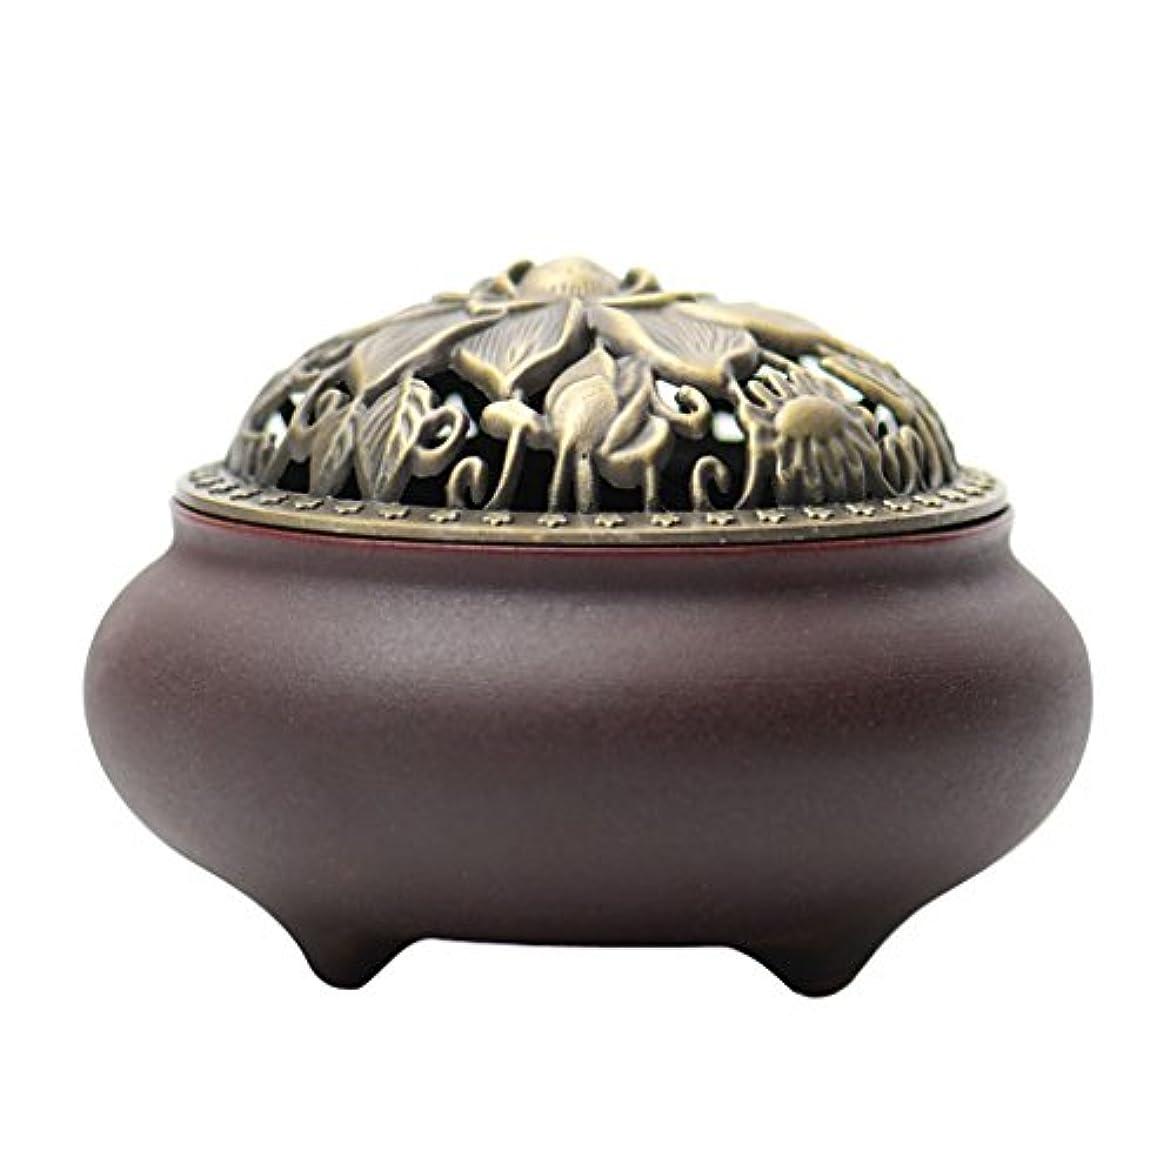 読み書きのできない影響するビルダー(ラシューバー) Lasuiveur 香炉 線香立て 香立て 職人さんの手作り 茶道用品 おしゃれ  木製 透かし彫り